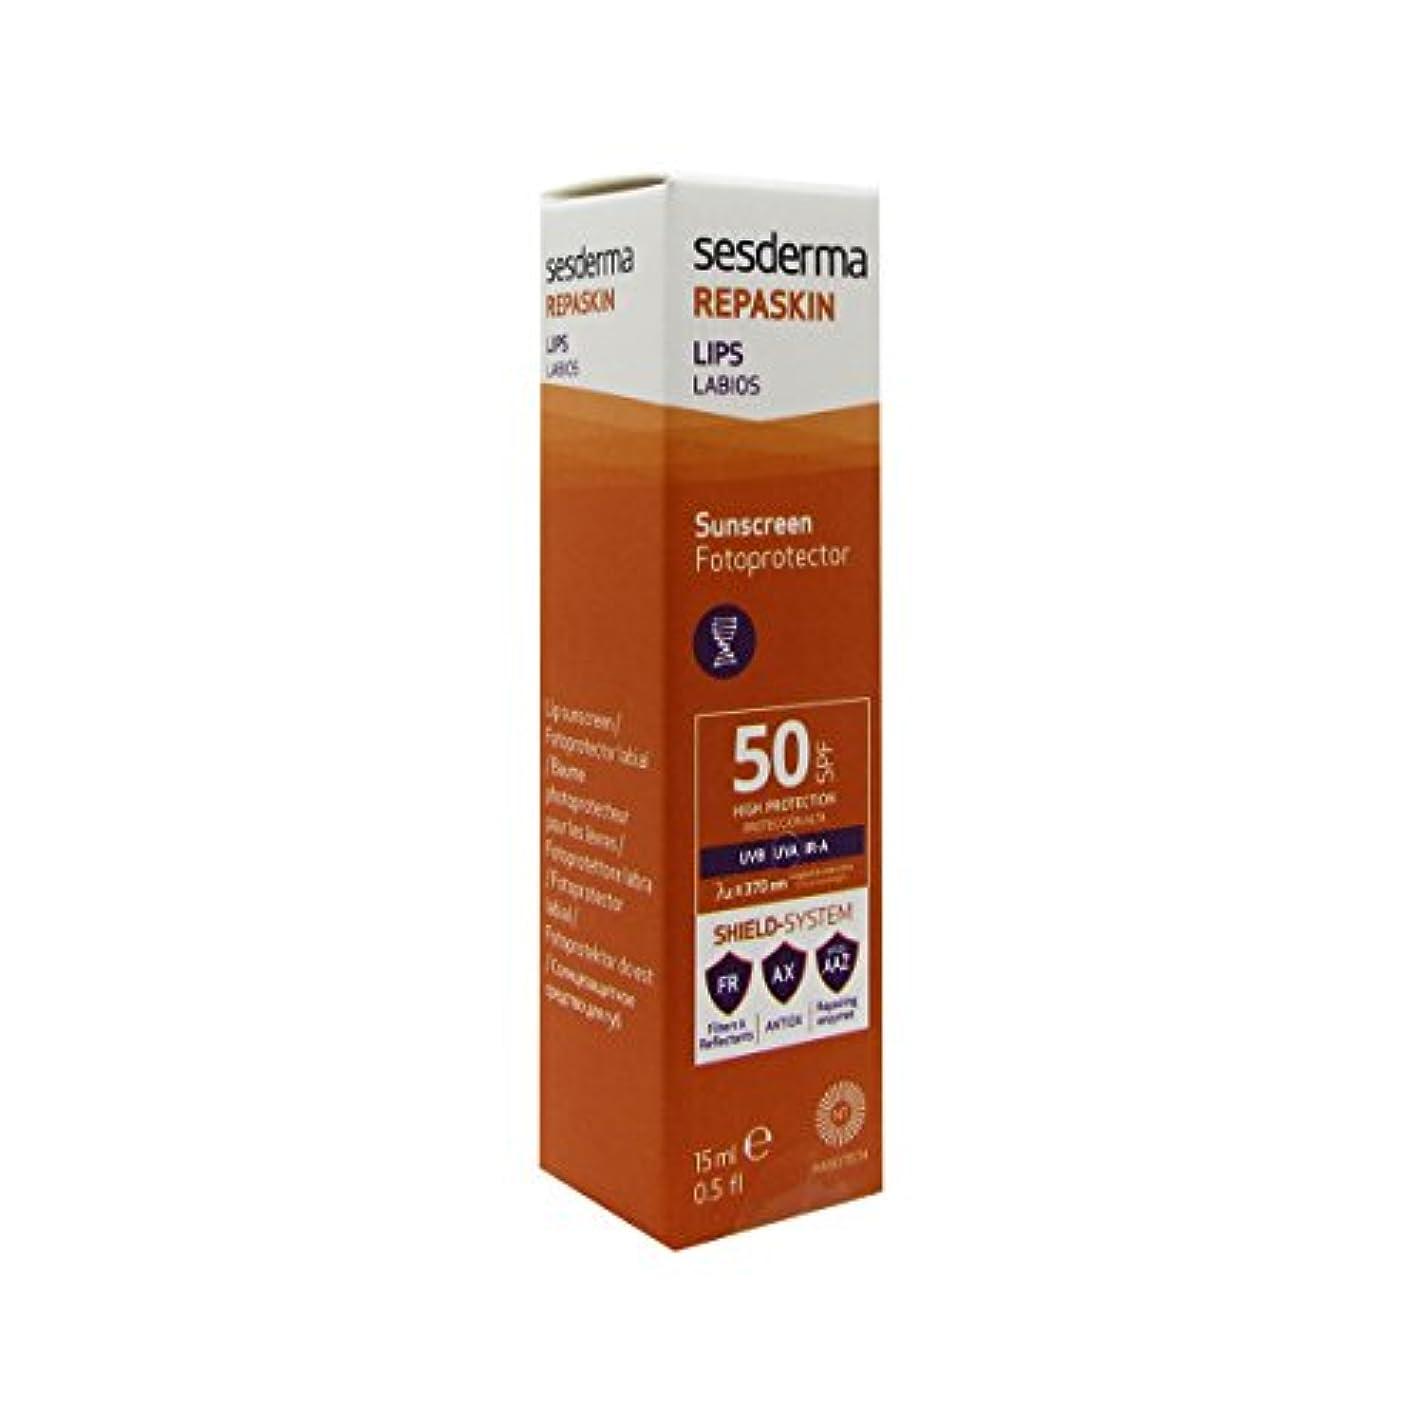 プロポーショナル兄弟愛代表するSesderma Repaskin Lips Spf50 15ml [並行輸入品]